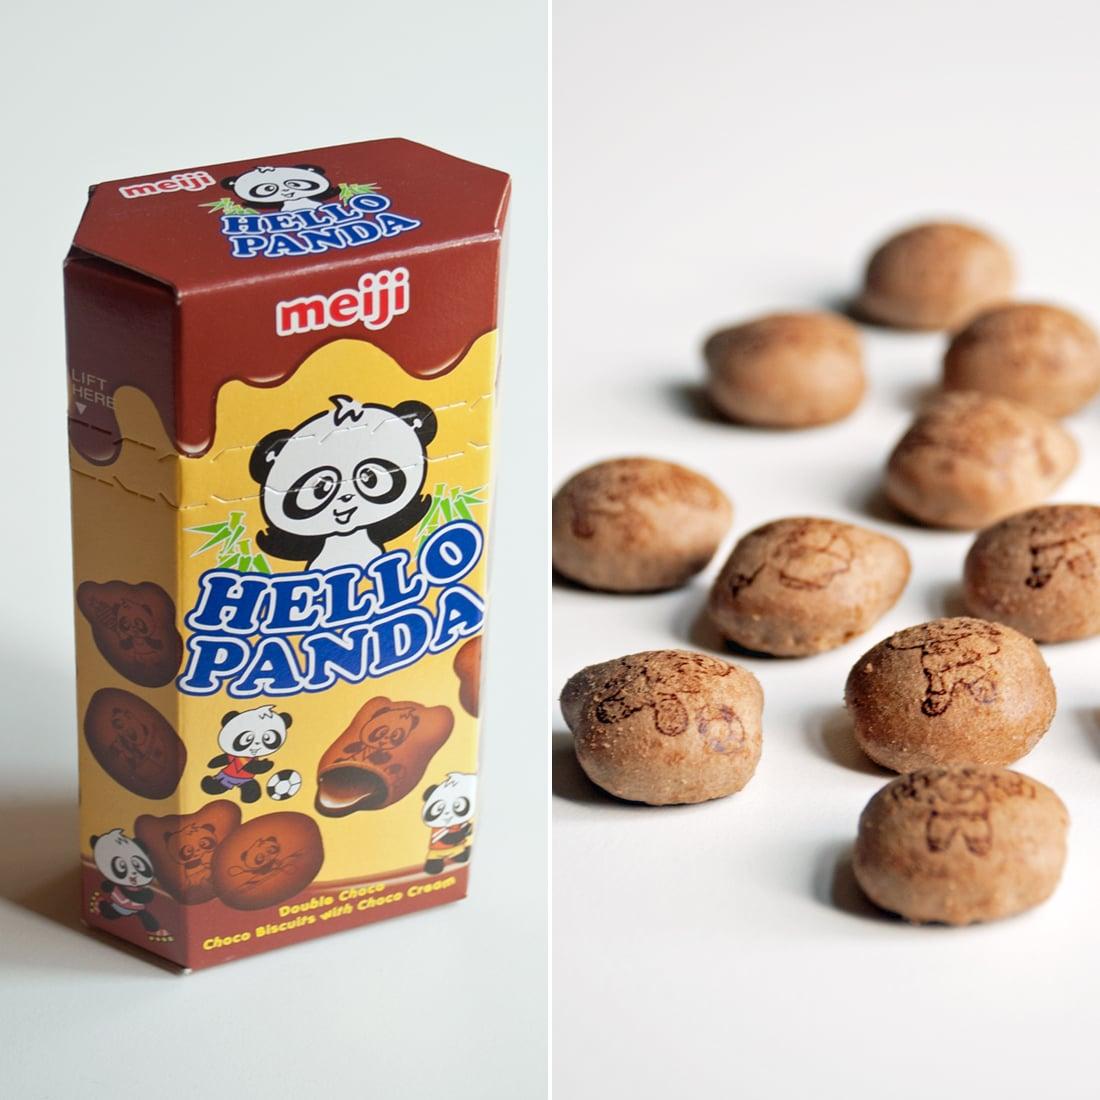 Hello Panda Double Chocolate